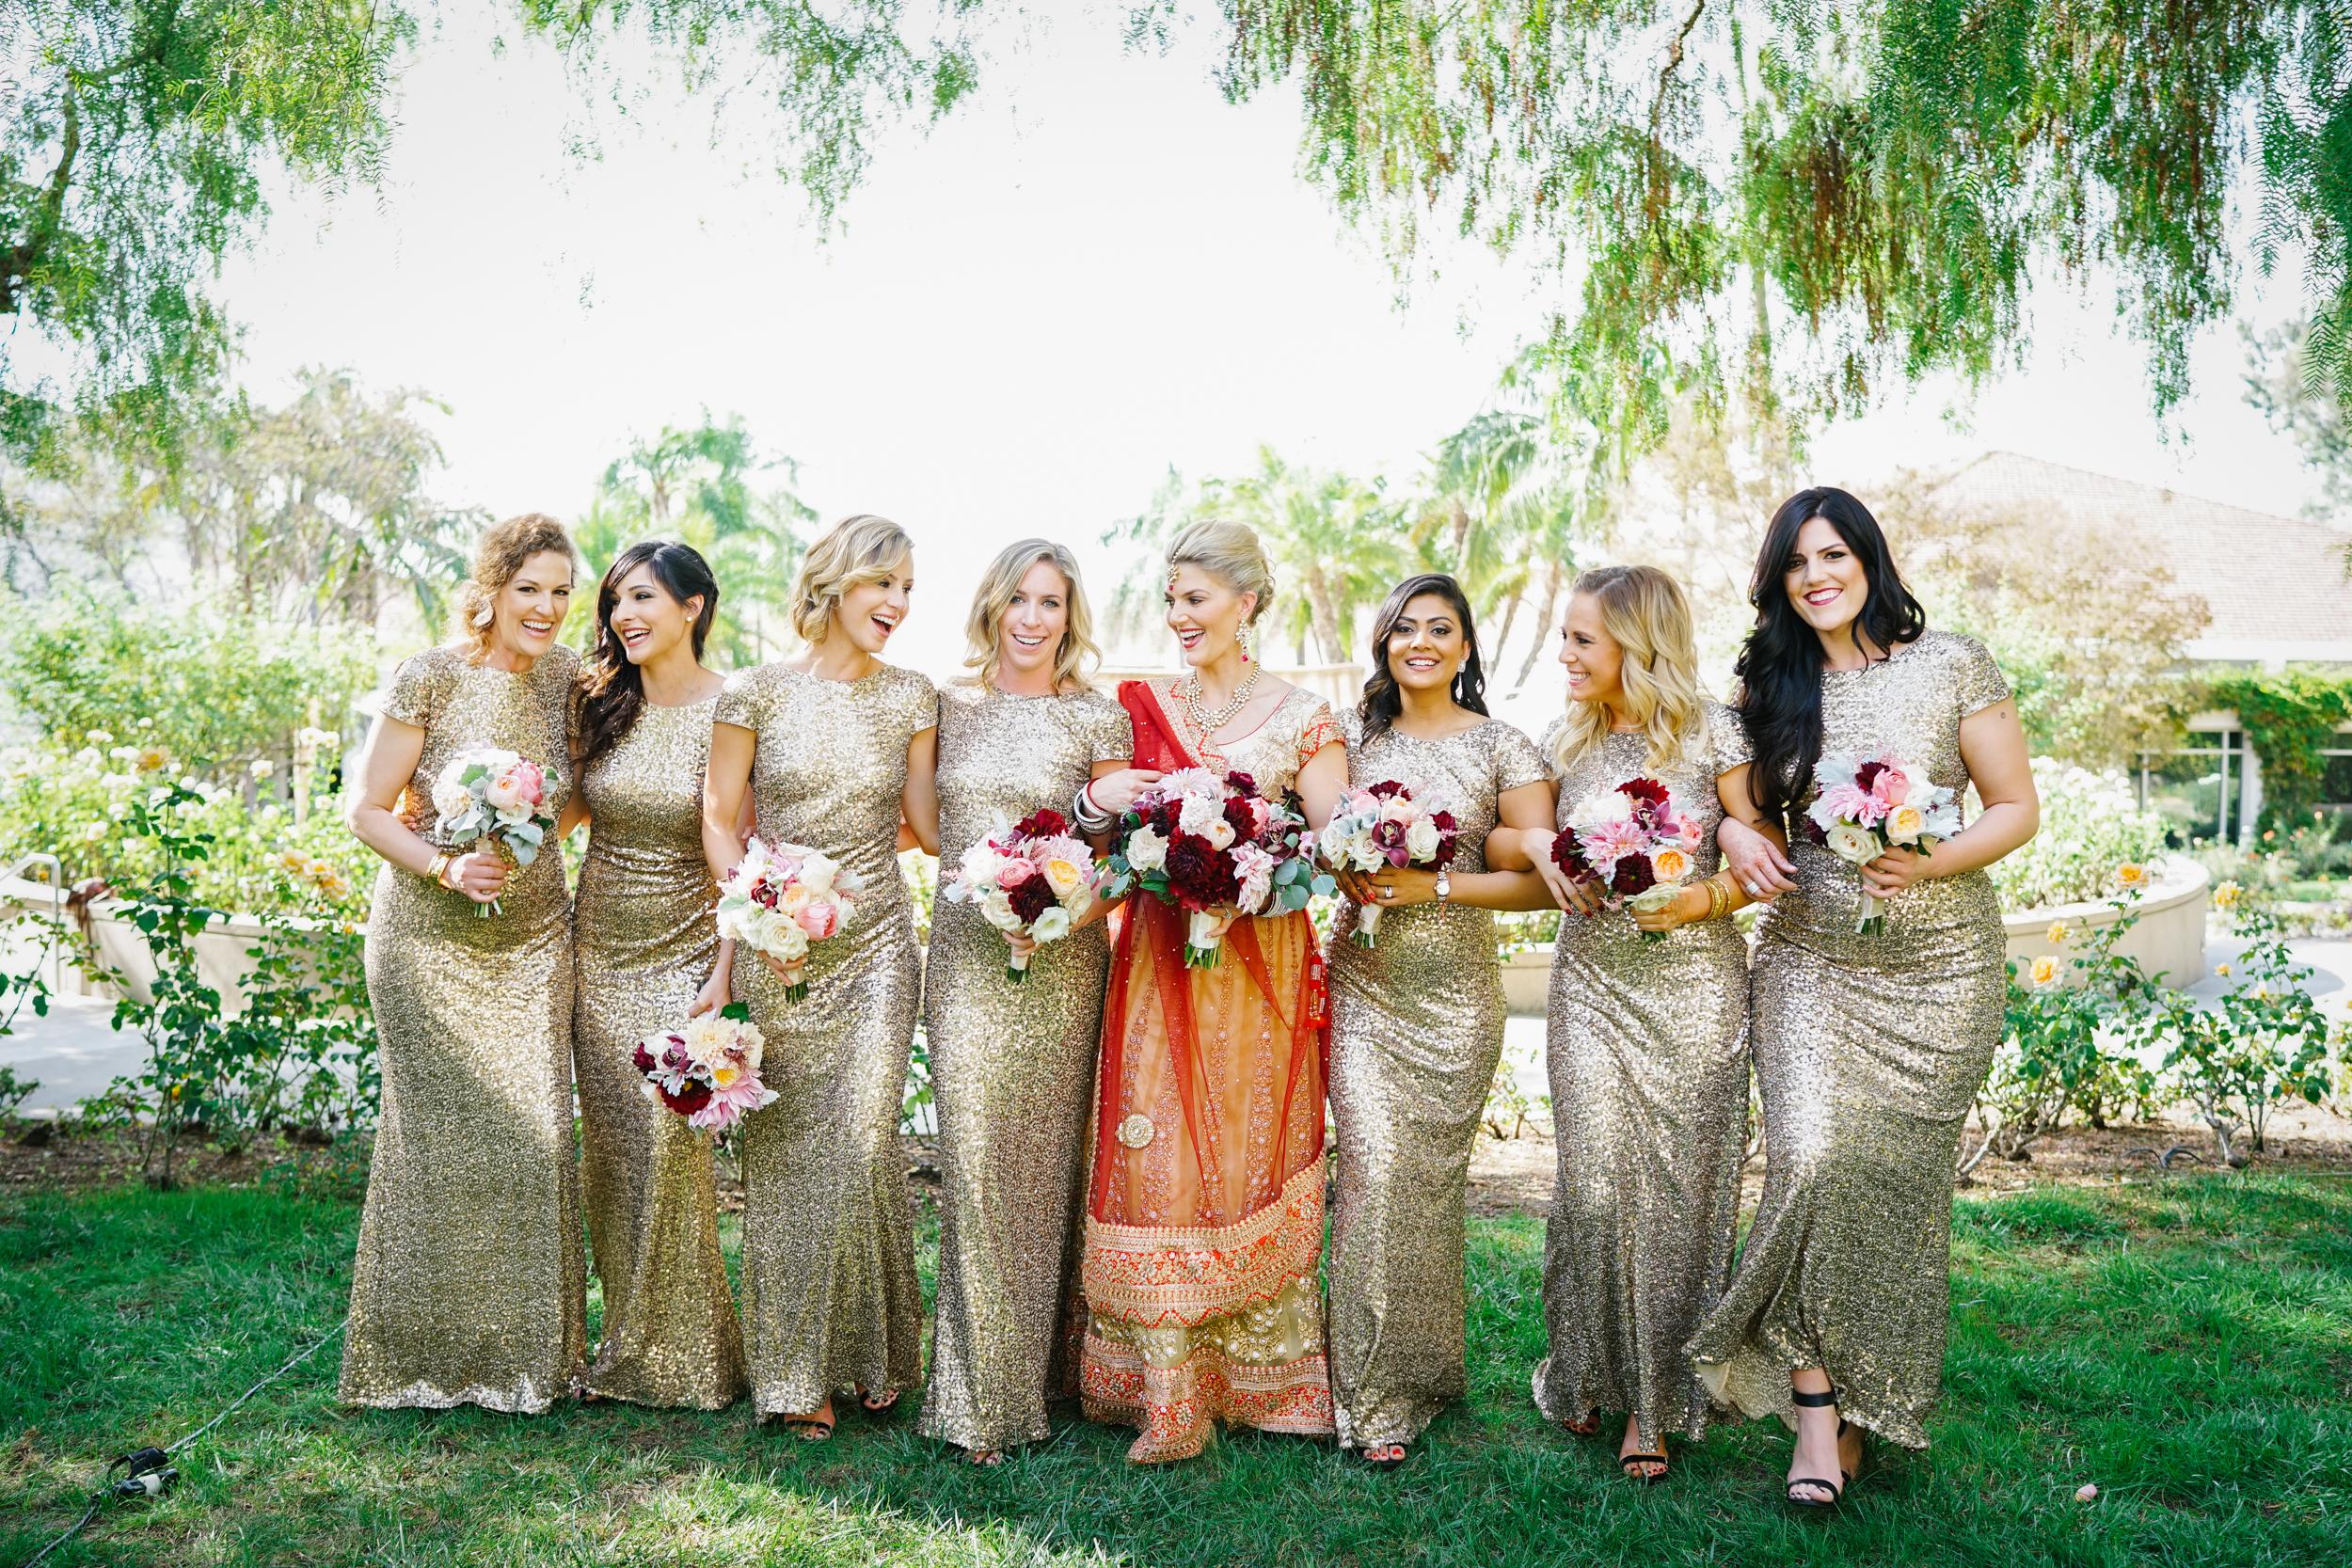 JKP_Indian_Weddings_0003.JPG